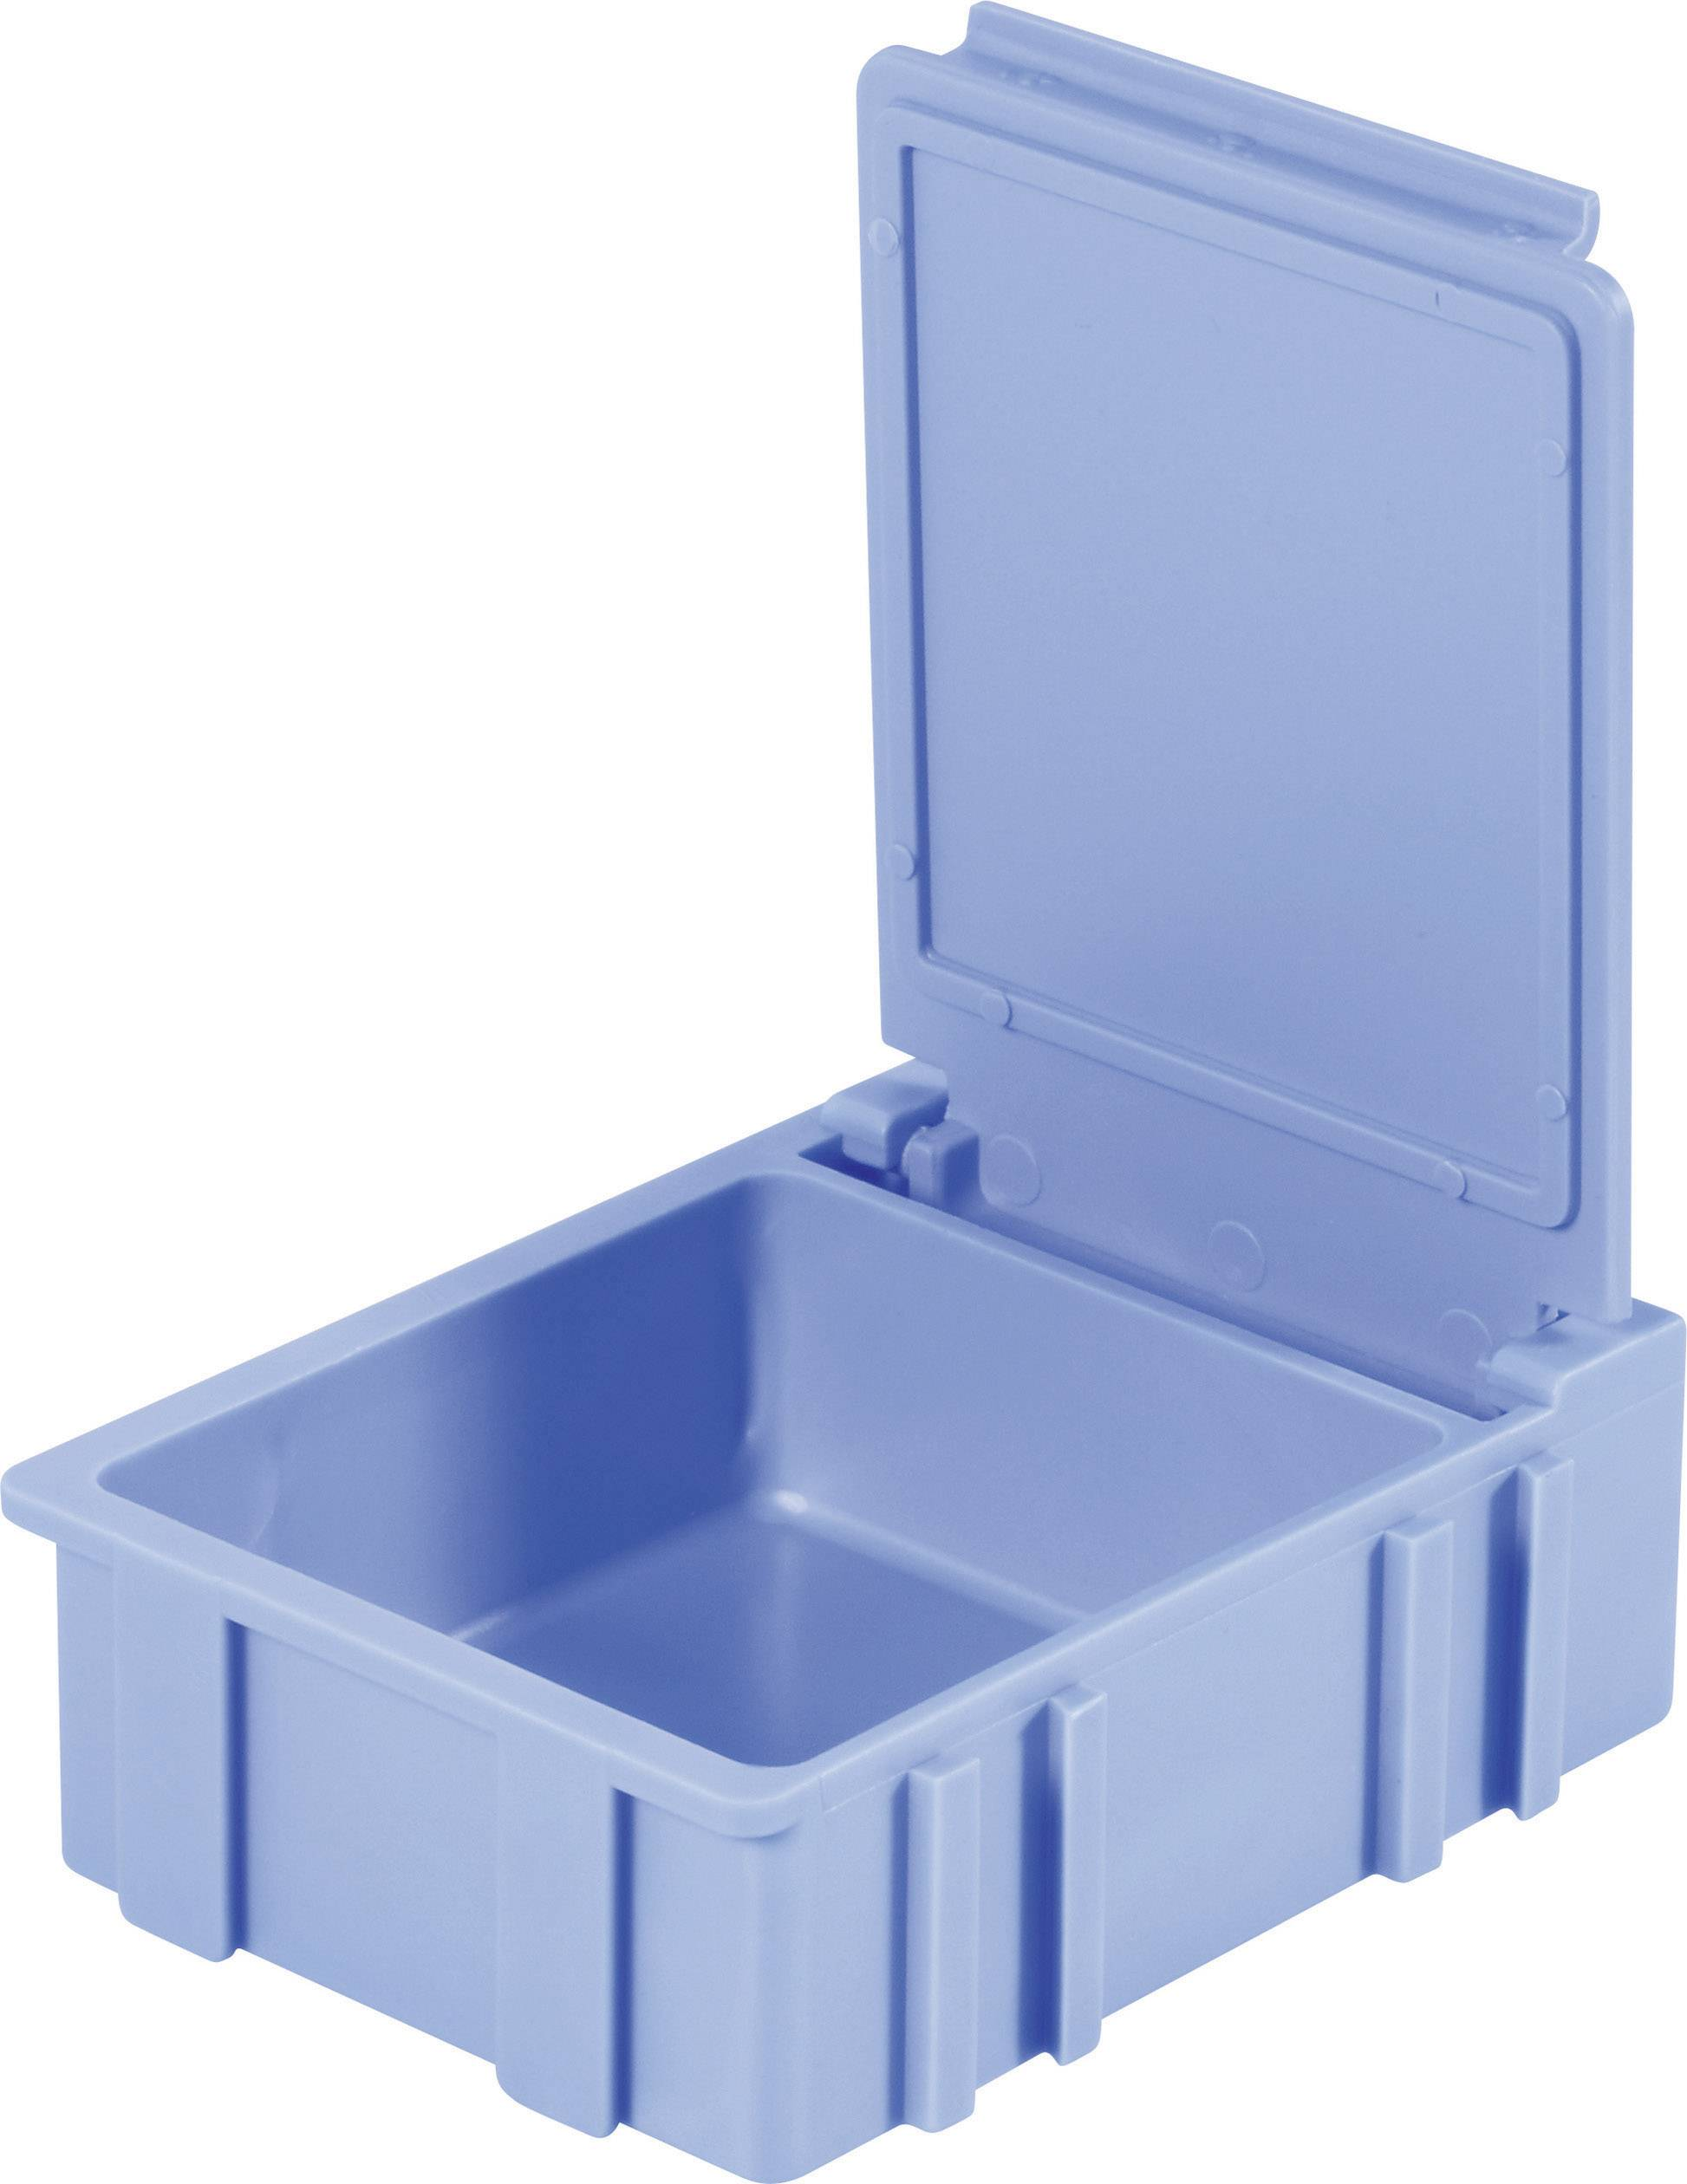 Box pro SMD součástky Licefa, N32288, 41 x 37 x 15 mm, modrá